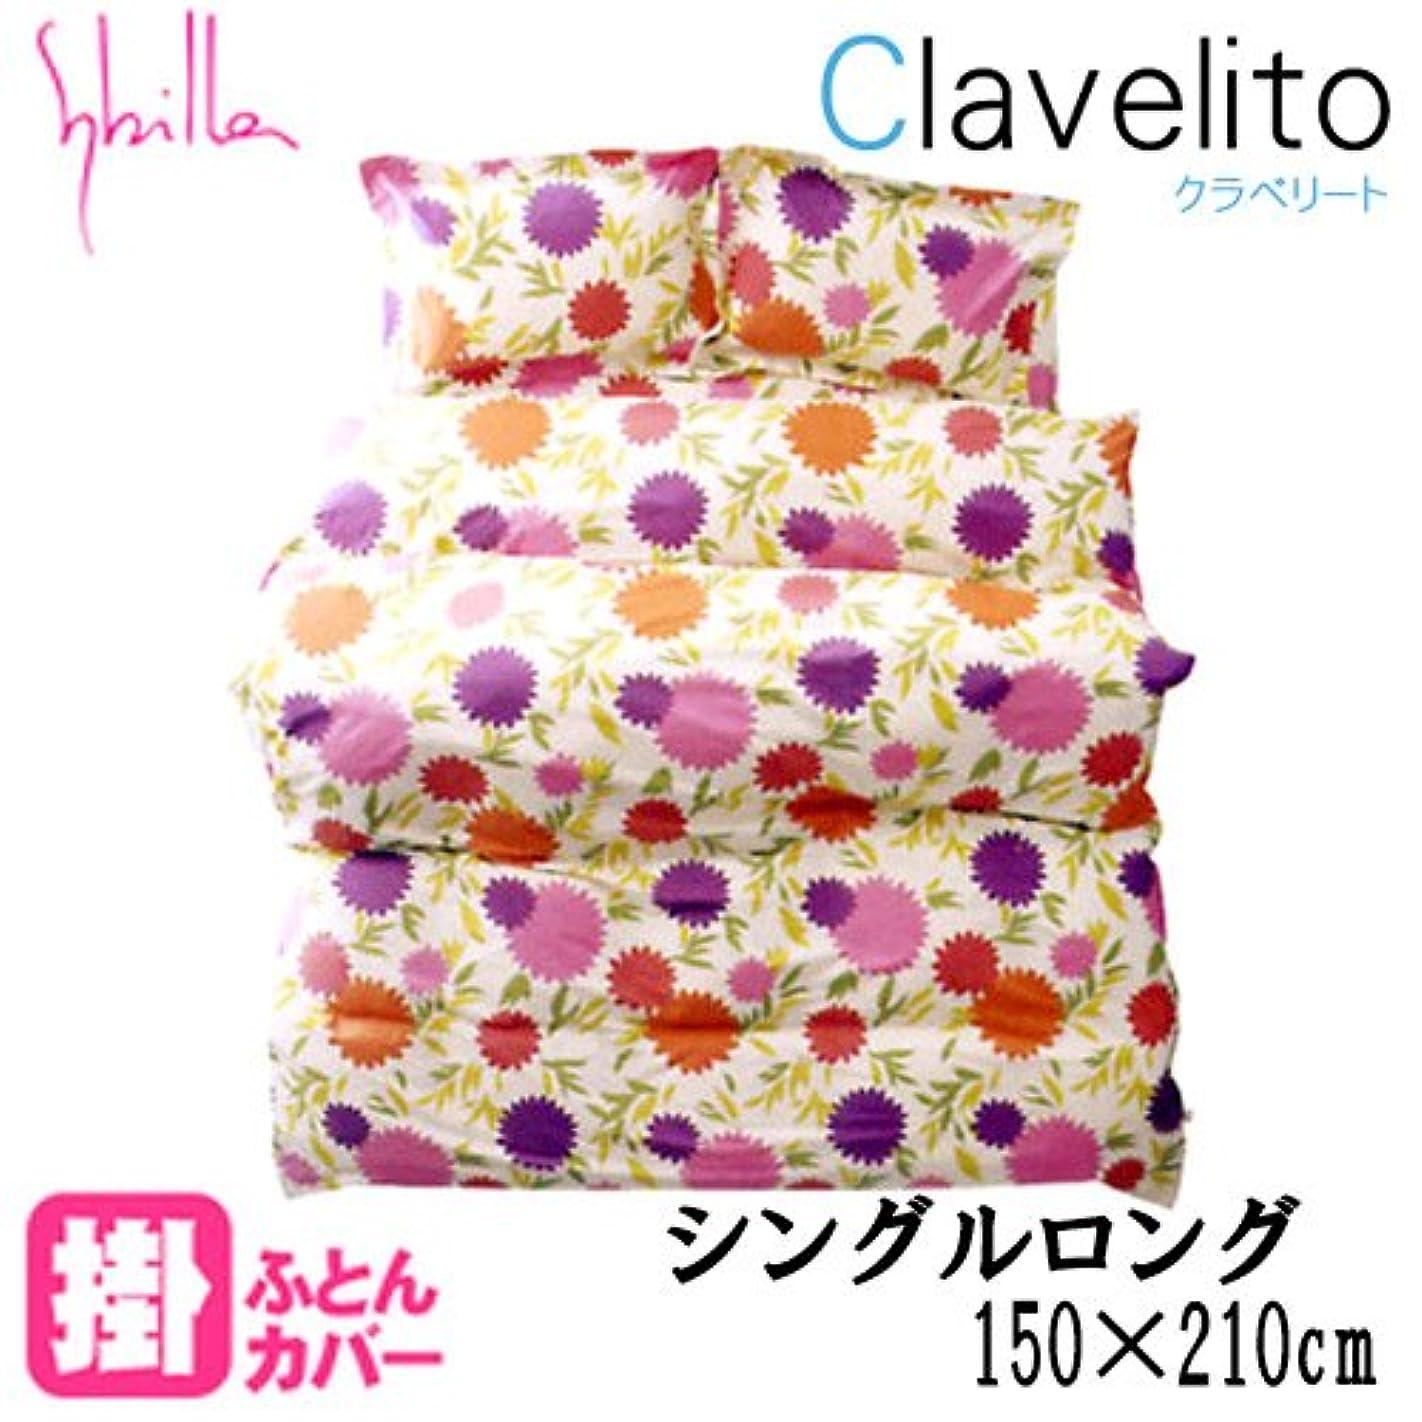 昨日伸ばすキャロライン【 Sybilla 】 シビラ 『クラベリート』掛け 布団 カバー シングル 150cm × 210cm ピンク 日本製